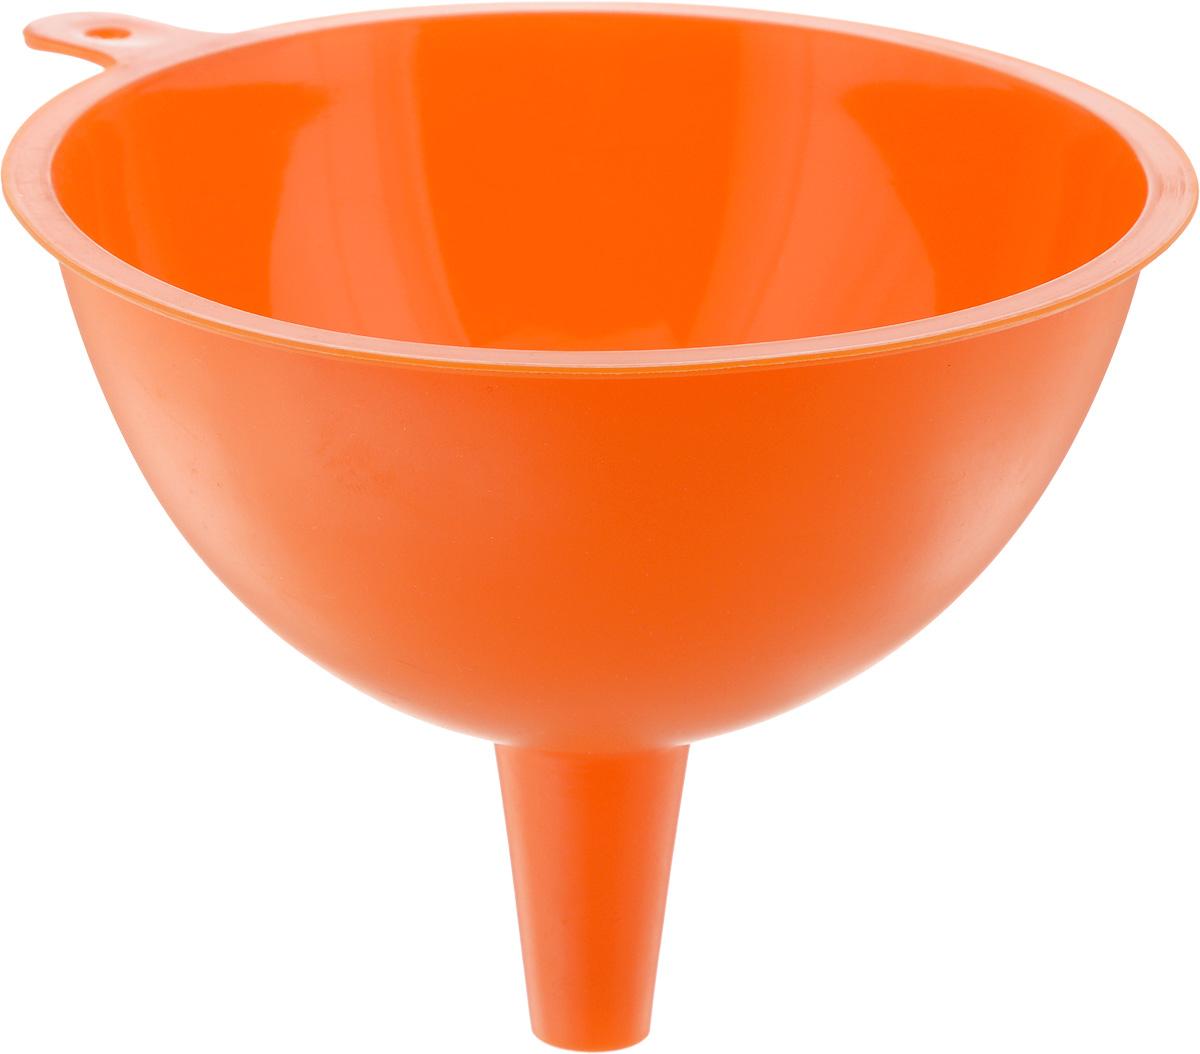 Воронка Mayer & Boch, цвет: оранжевый, диаметр 15 см54 009312Воронка Mayer & Boch изготовлена из силикона. Предназначена для переливания жидкостей в сосуд с узким горлышком. Воронка плотно прилегает к краям наполняемой емкости, поэтому вы ни капли не прольете мимо. Такая воронка станет прекрасным дополнением к коллекции ваших кухонных аксессуаров. Диаметр воронки: 15 см. Высота воронки: 12 см.